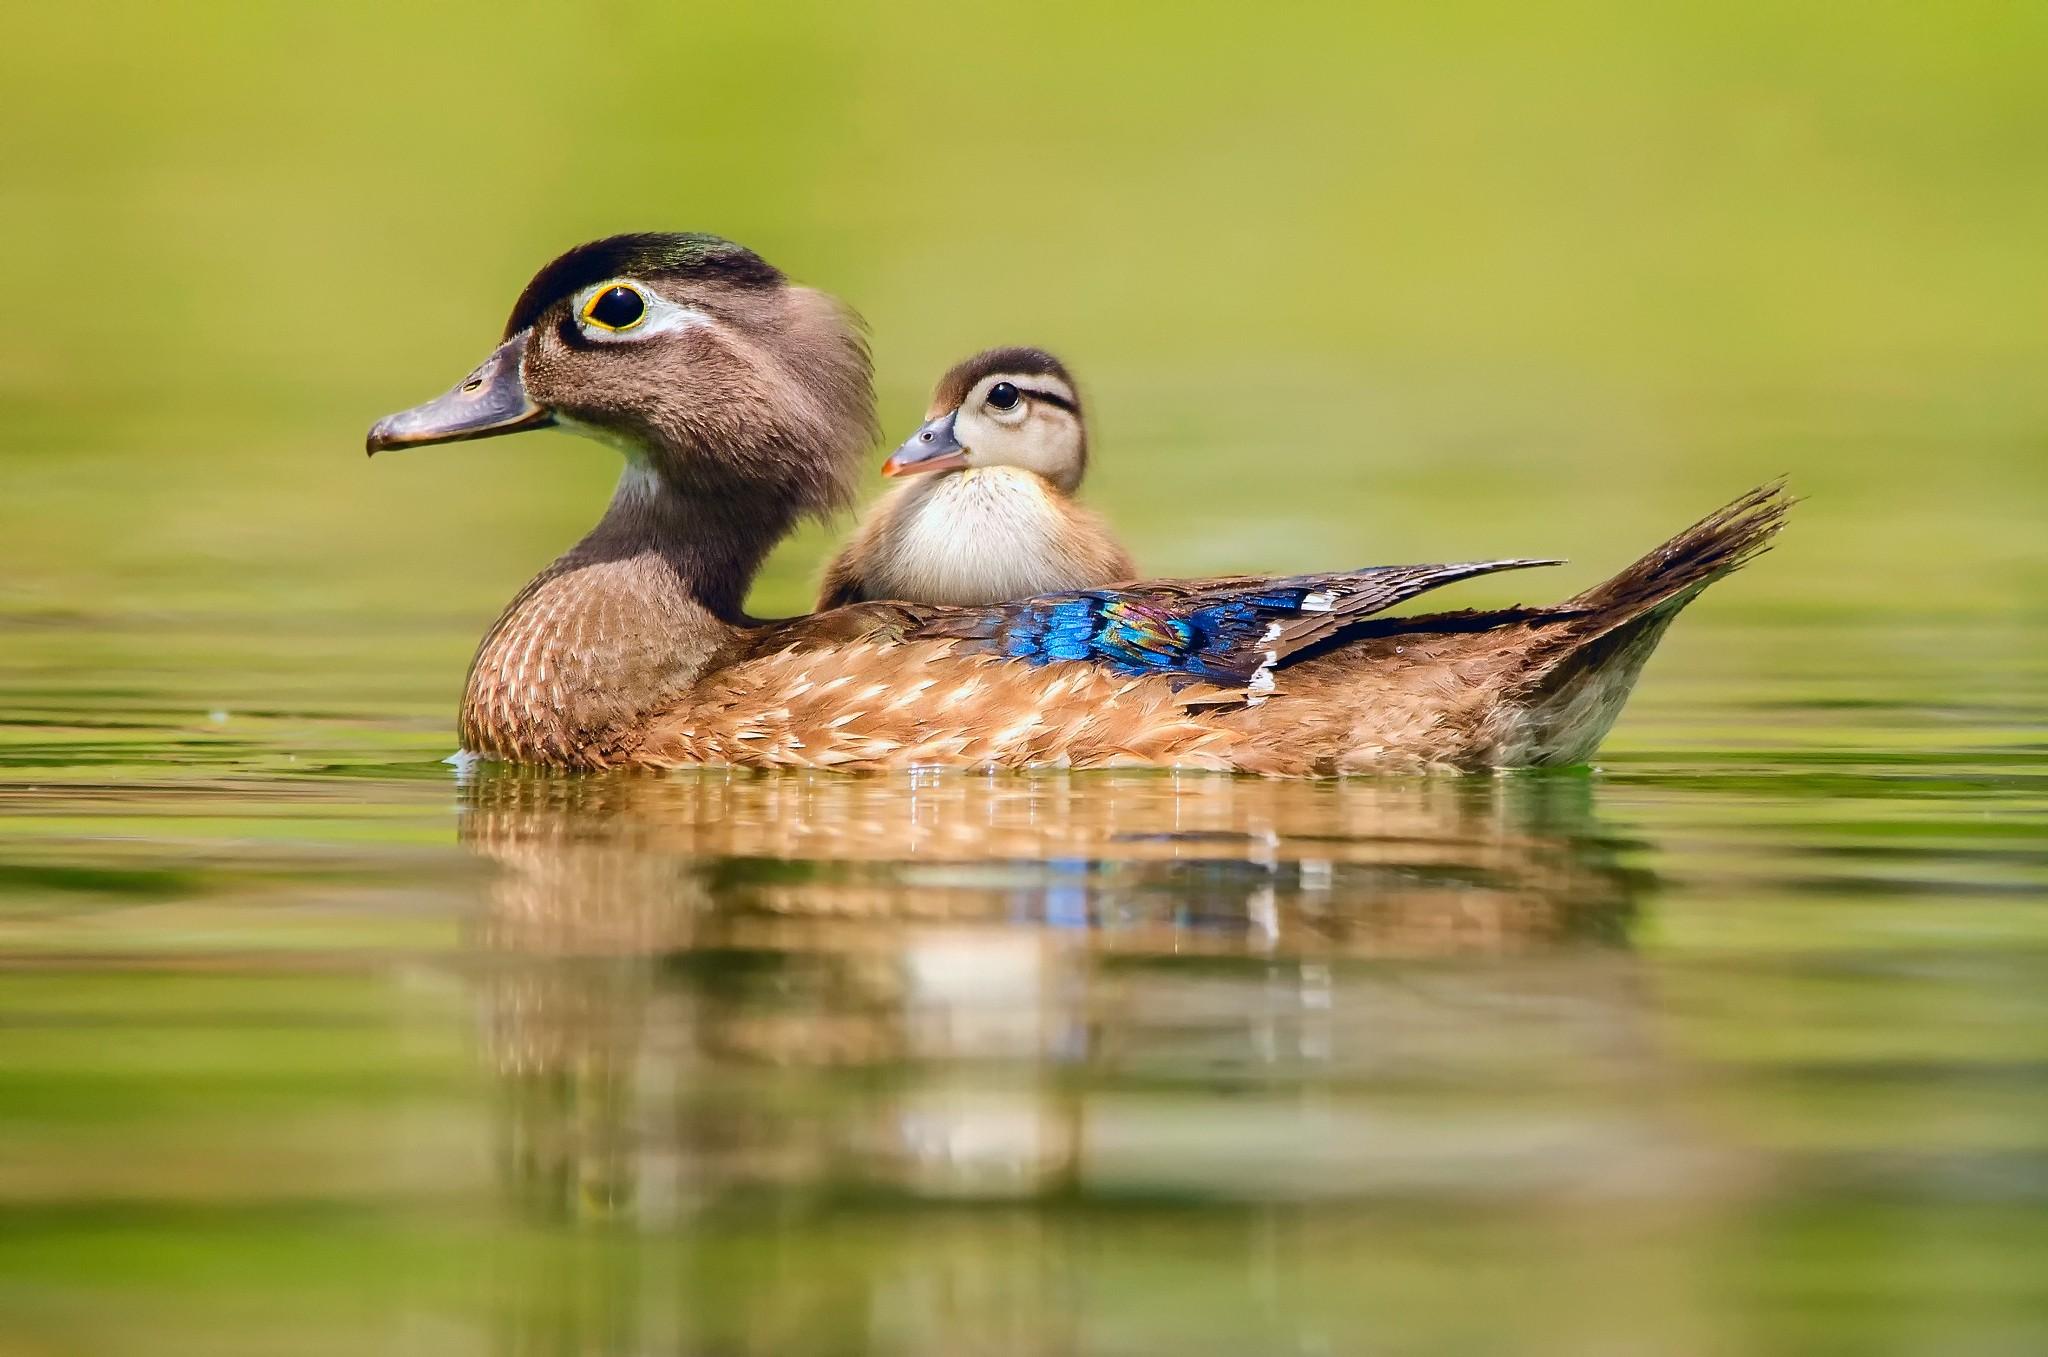 природа птица животное утка бесплатно